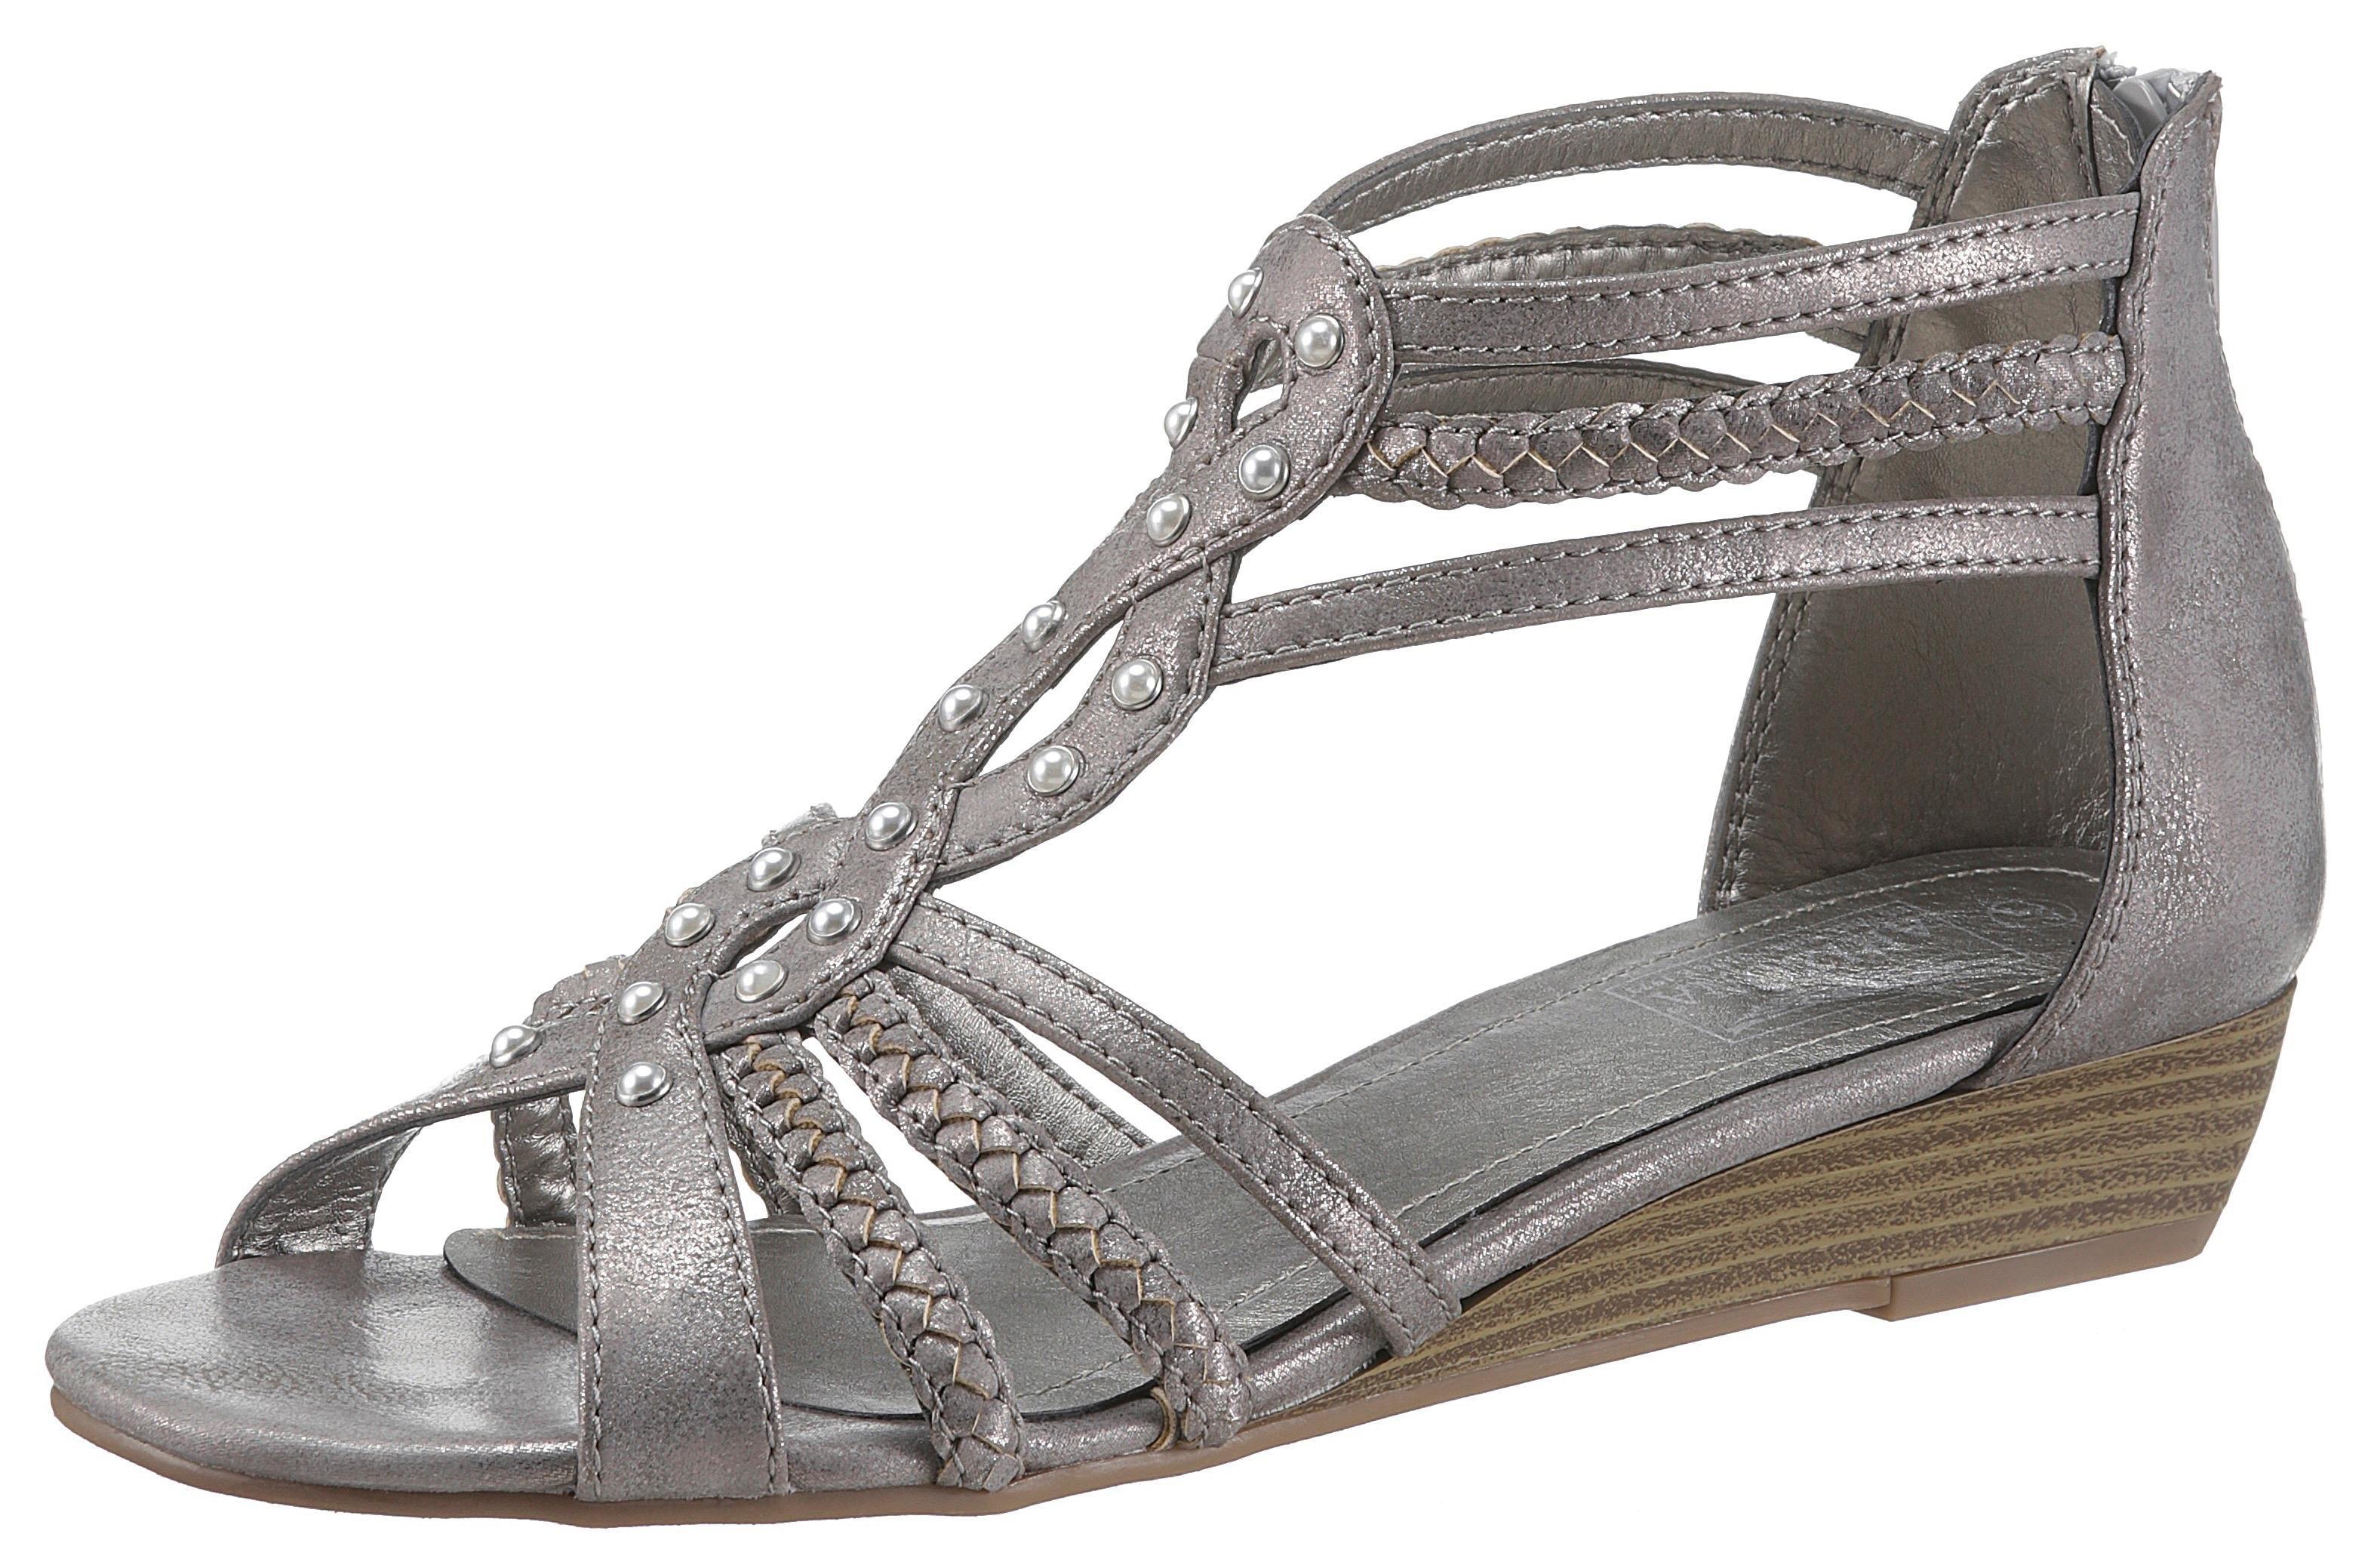 ARIZONA sandaaltjes goedkoop op otto.nl kopen